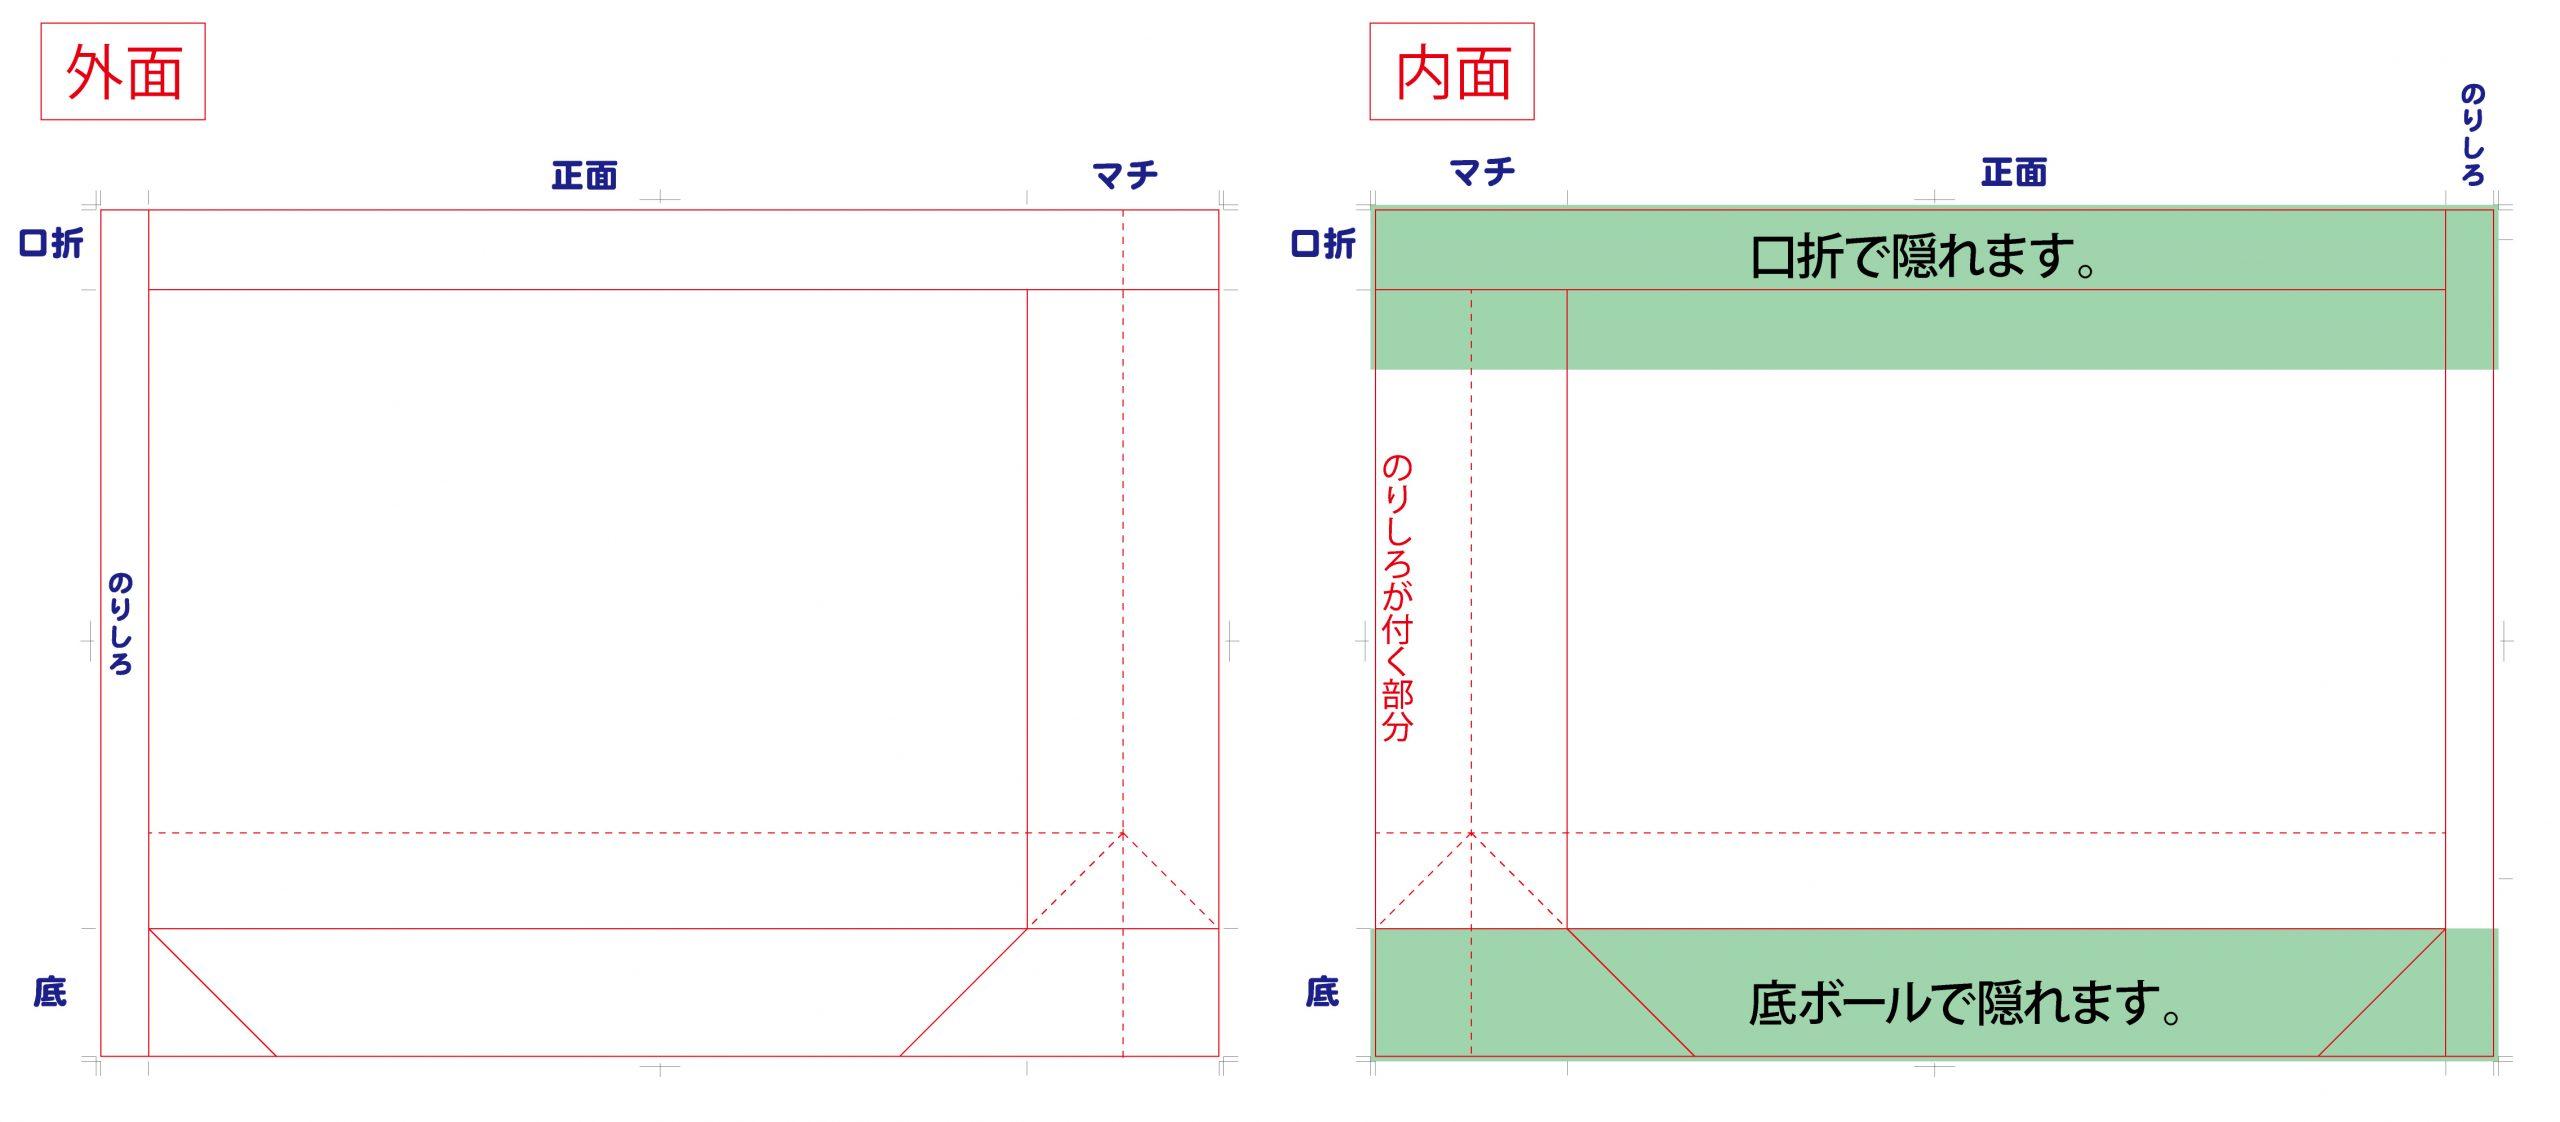 オリジナル紙袋の内面印刷用展開図